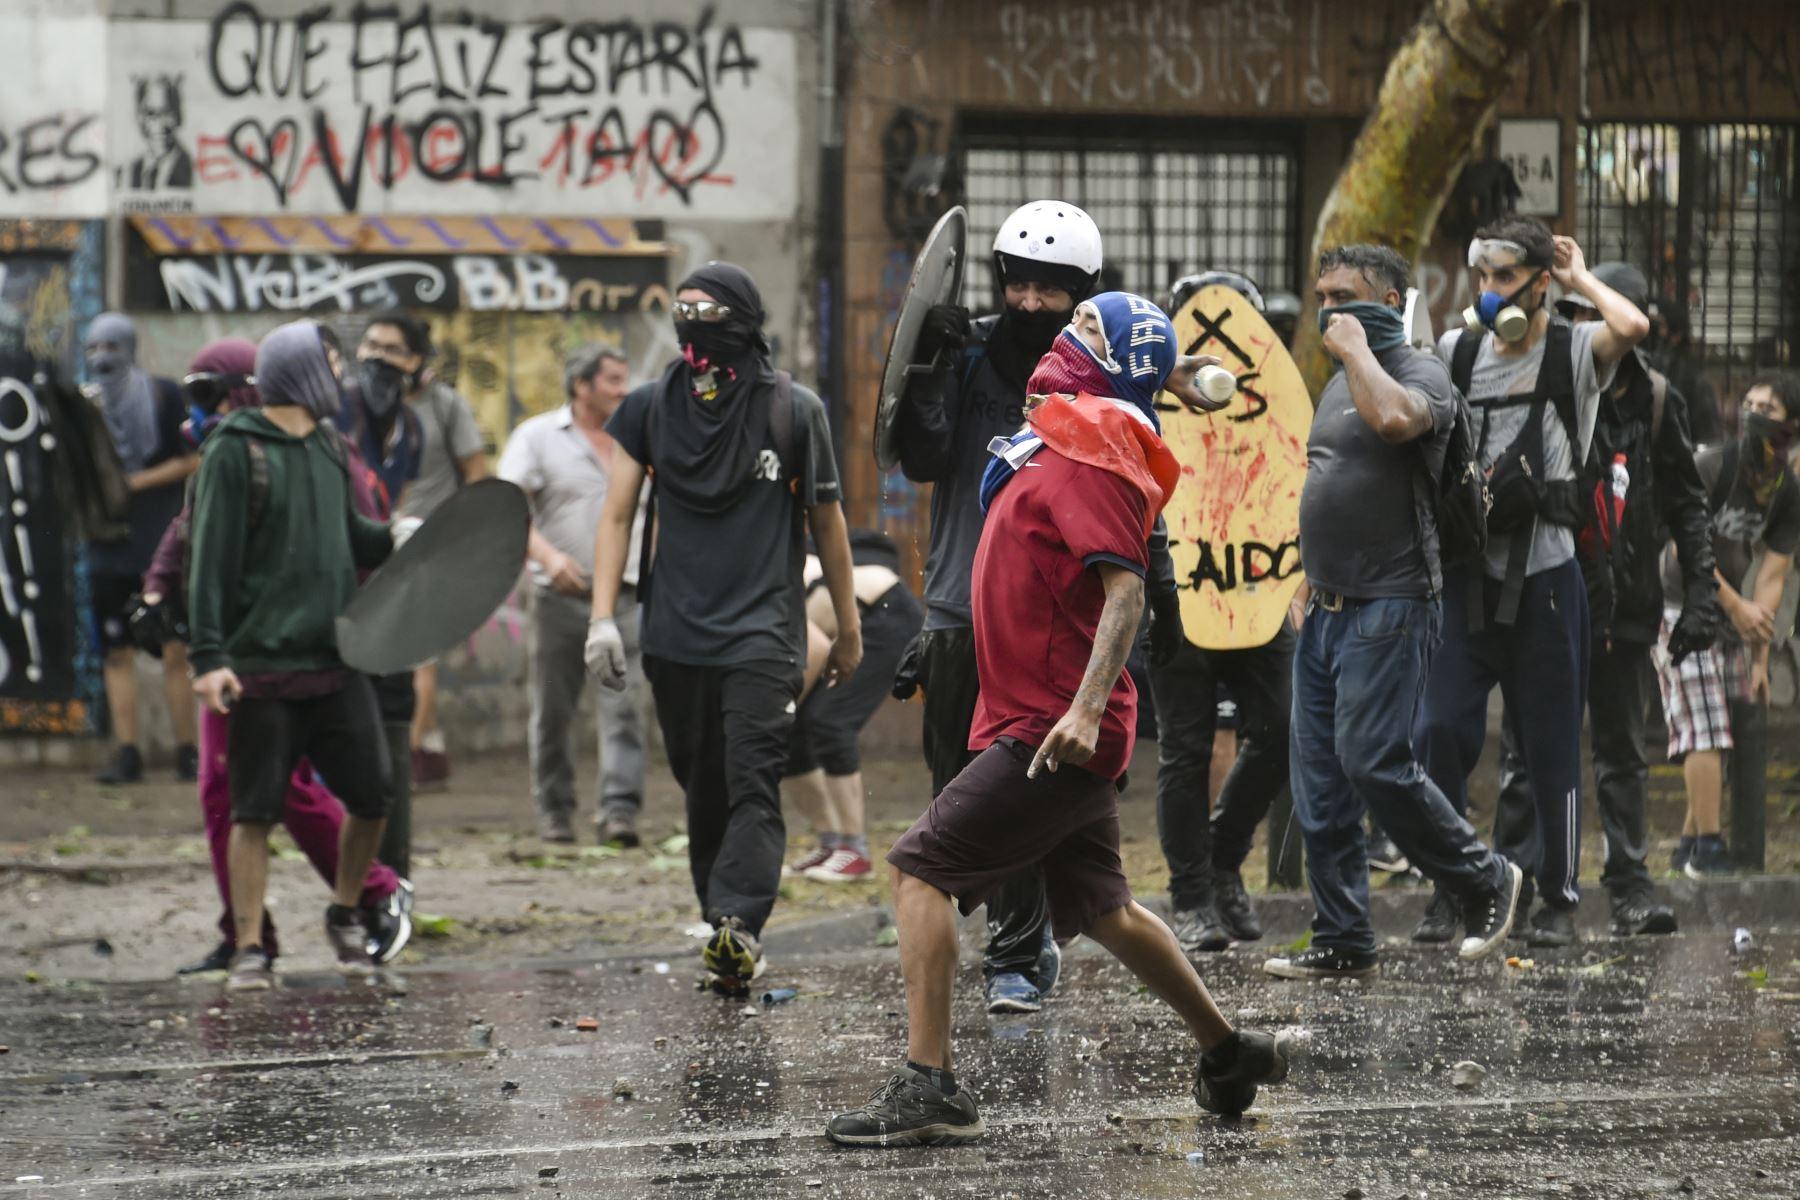 Los manifestantes se enfrentan con la policía antidisturbios en Santiago en la cuarta semana de protestas contra el gobierno del presidente chileno Sebastián Piñera. Foto: AFP